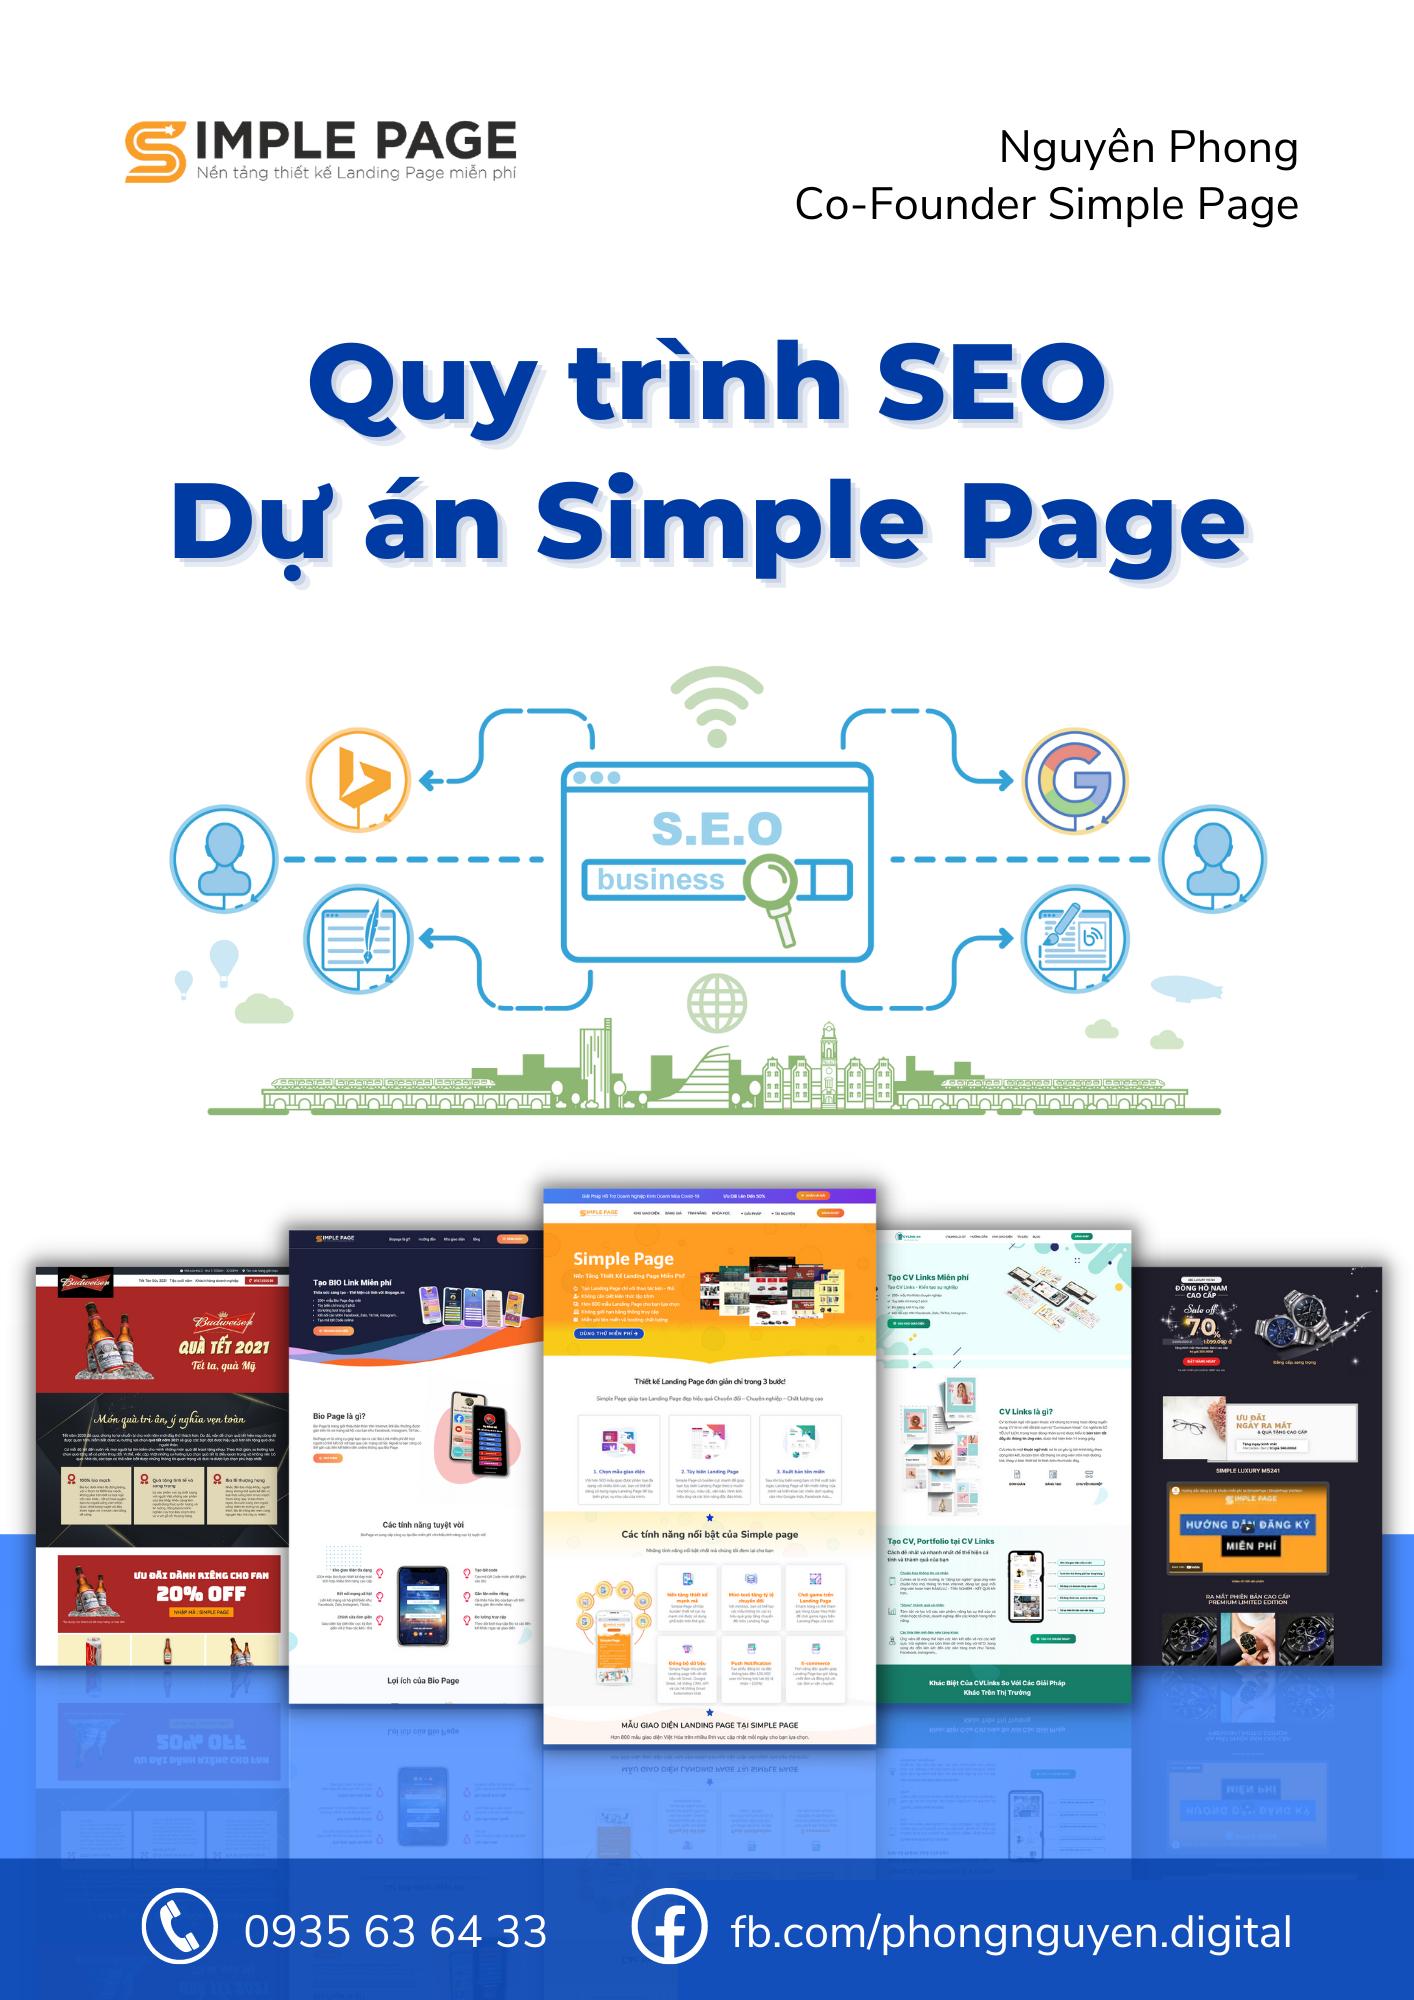 Quy trình SEO Dự án Simple Page